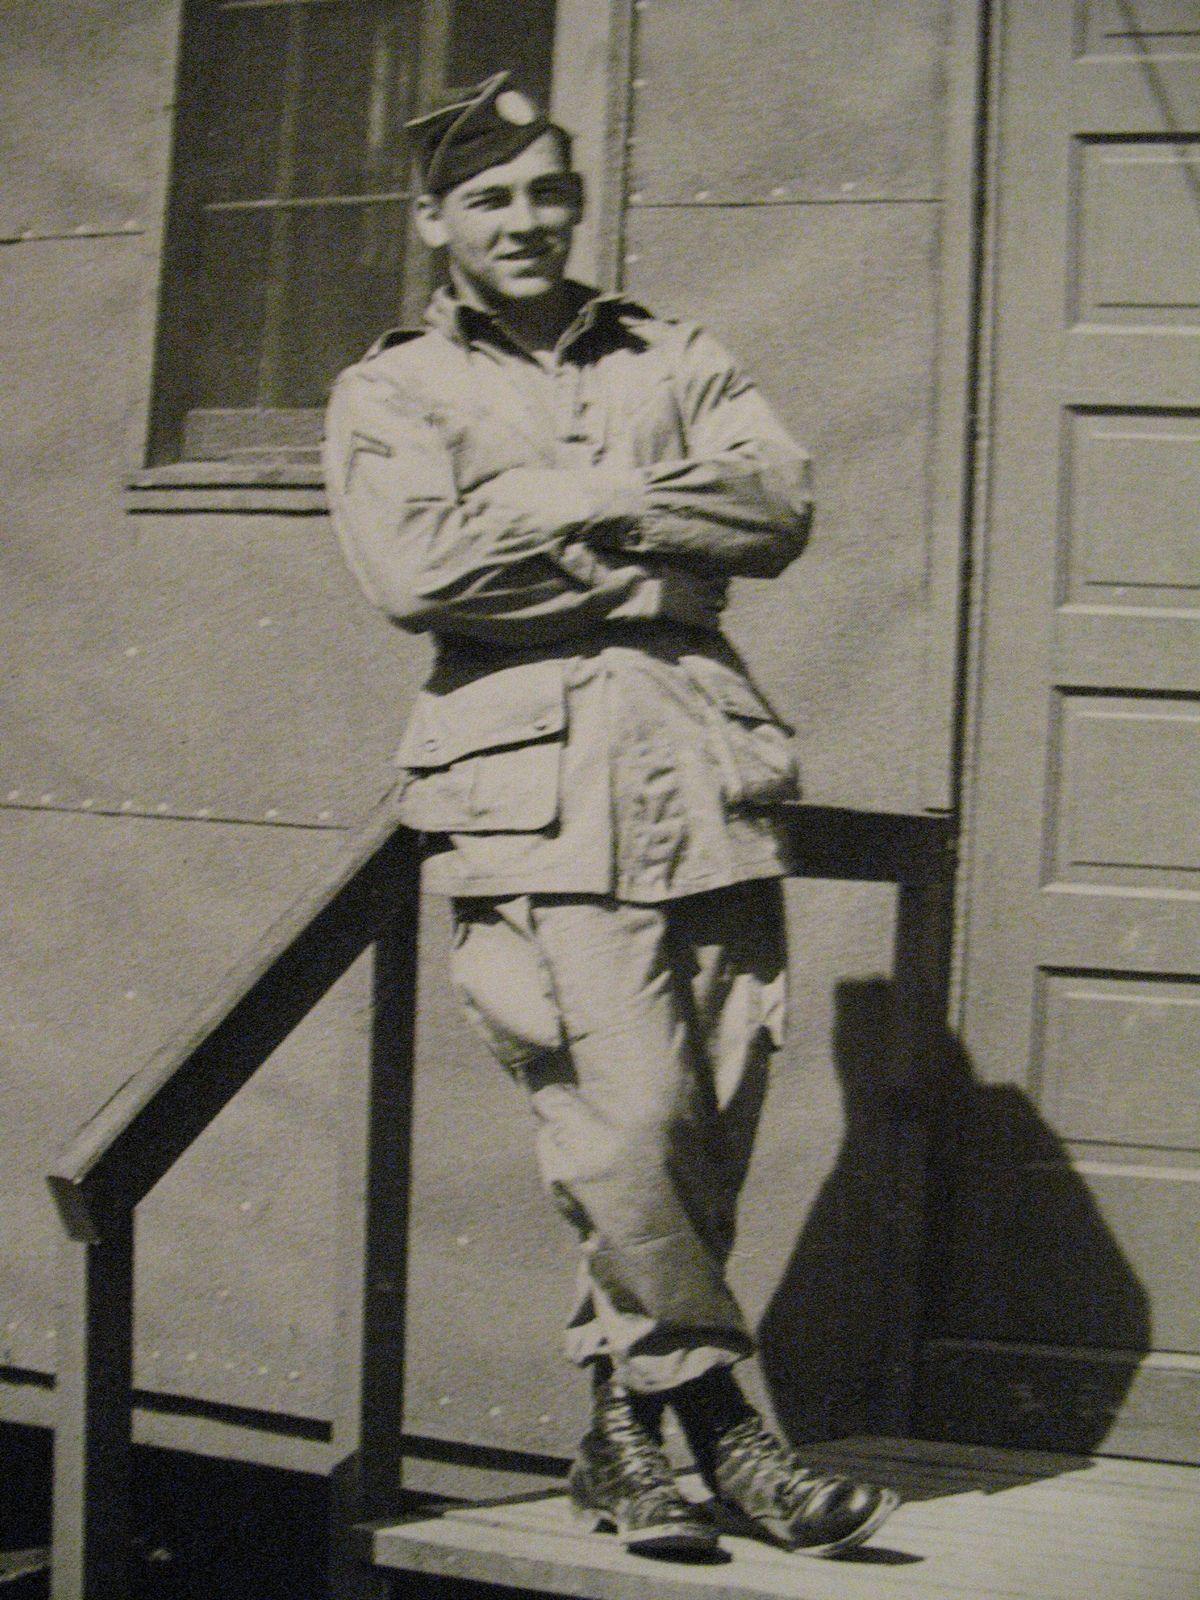 Mordercze szkolenie i dyscyplina sprawiły, że spadochroniarze byli prawdziwą elitą amerykańskiej armii. Na zdjęciu Forrest Guth ze słynnej kompani E. Camp Mackall 1942.